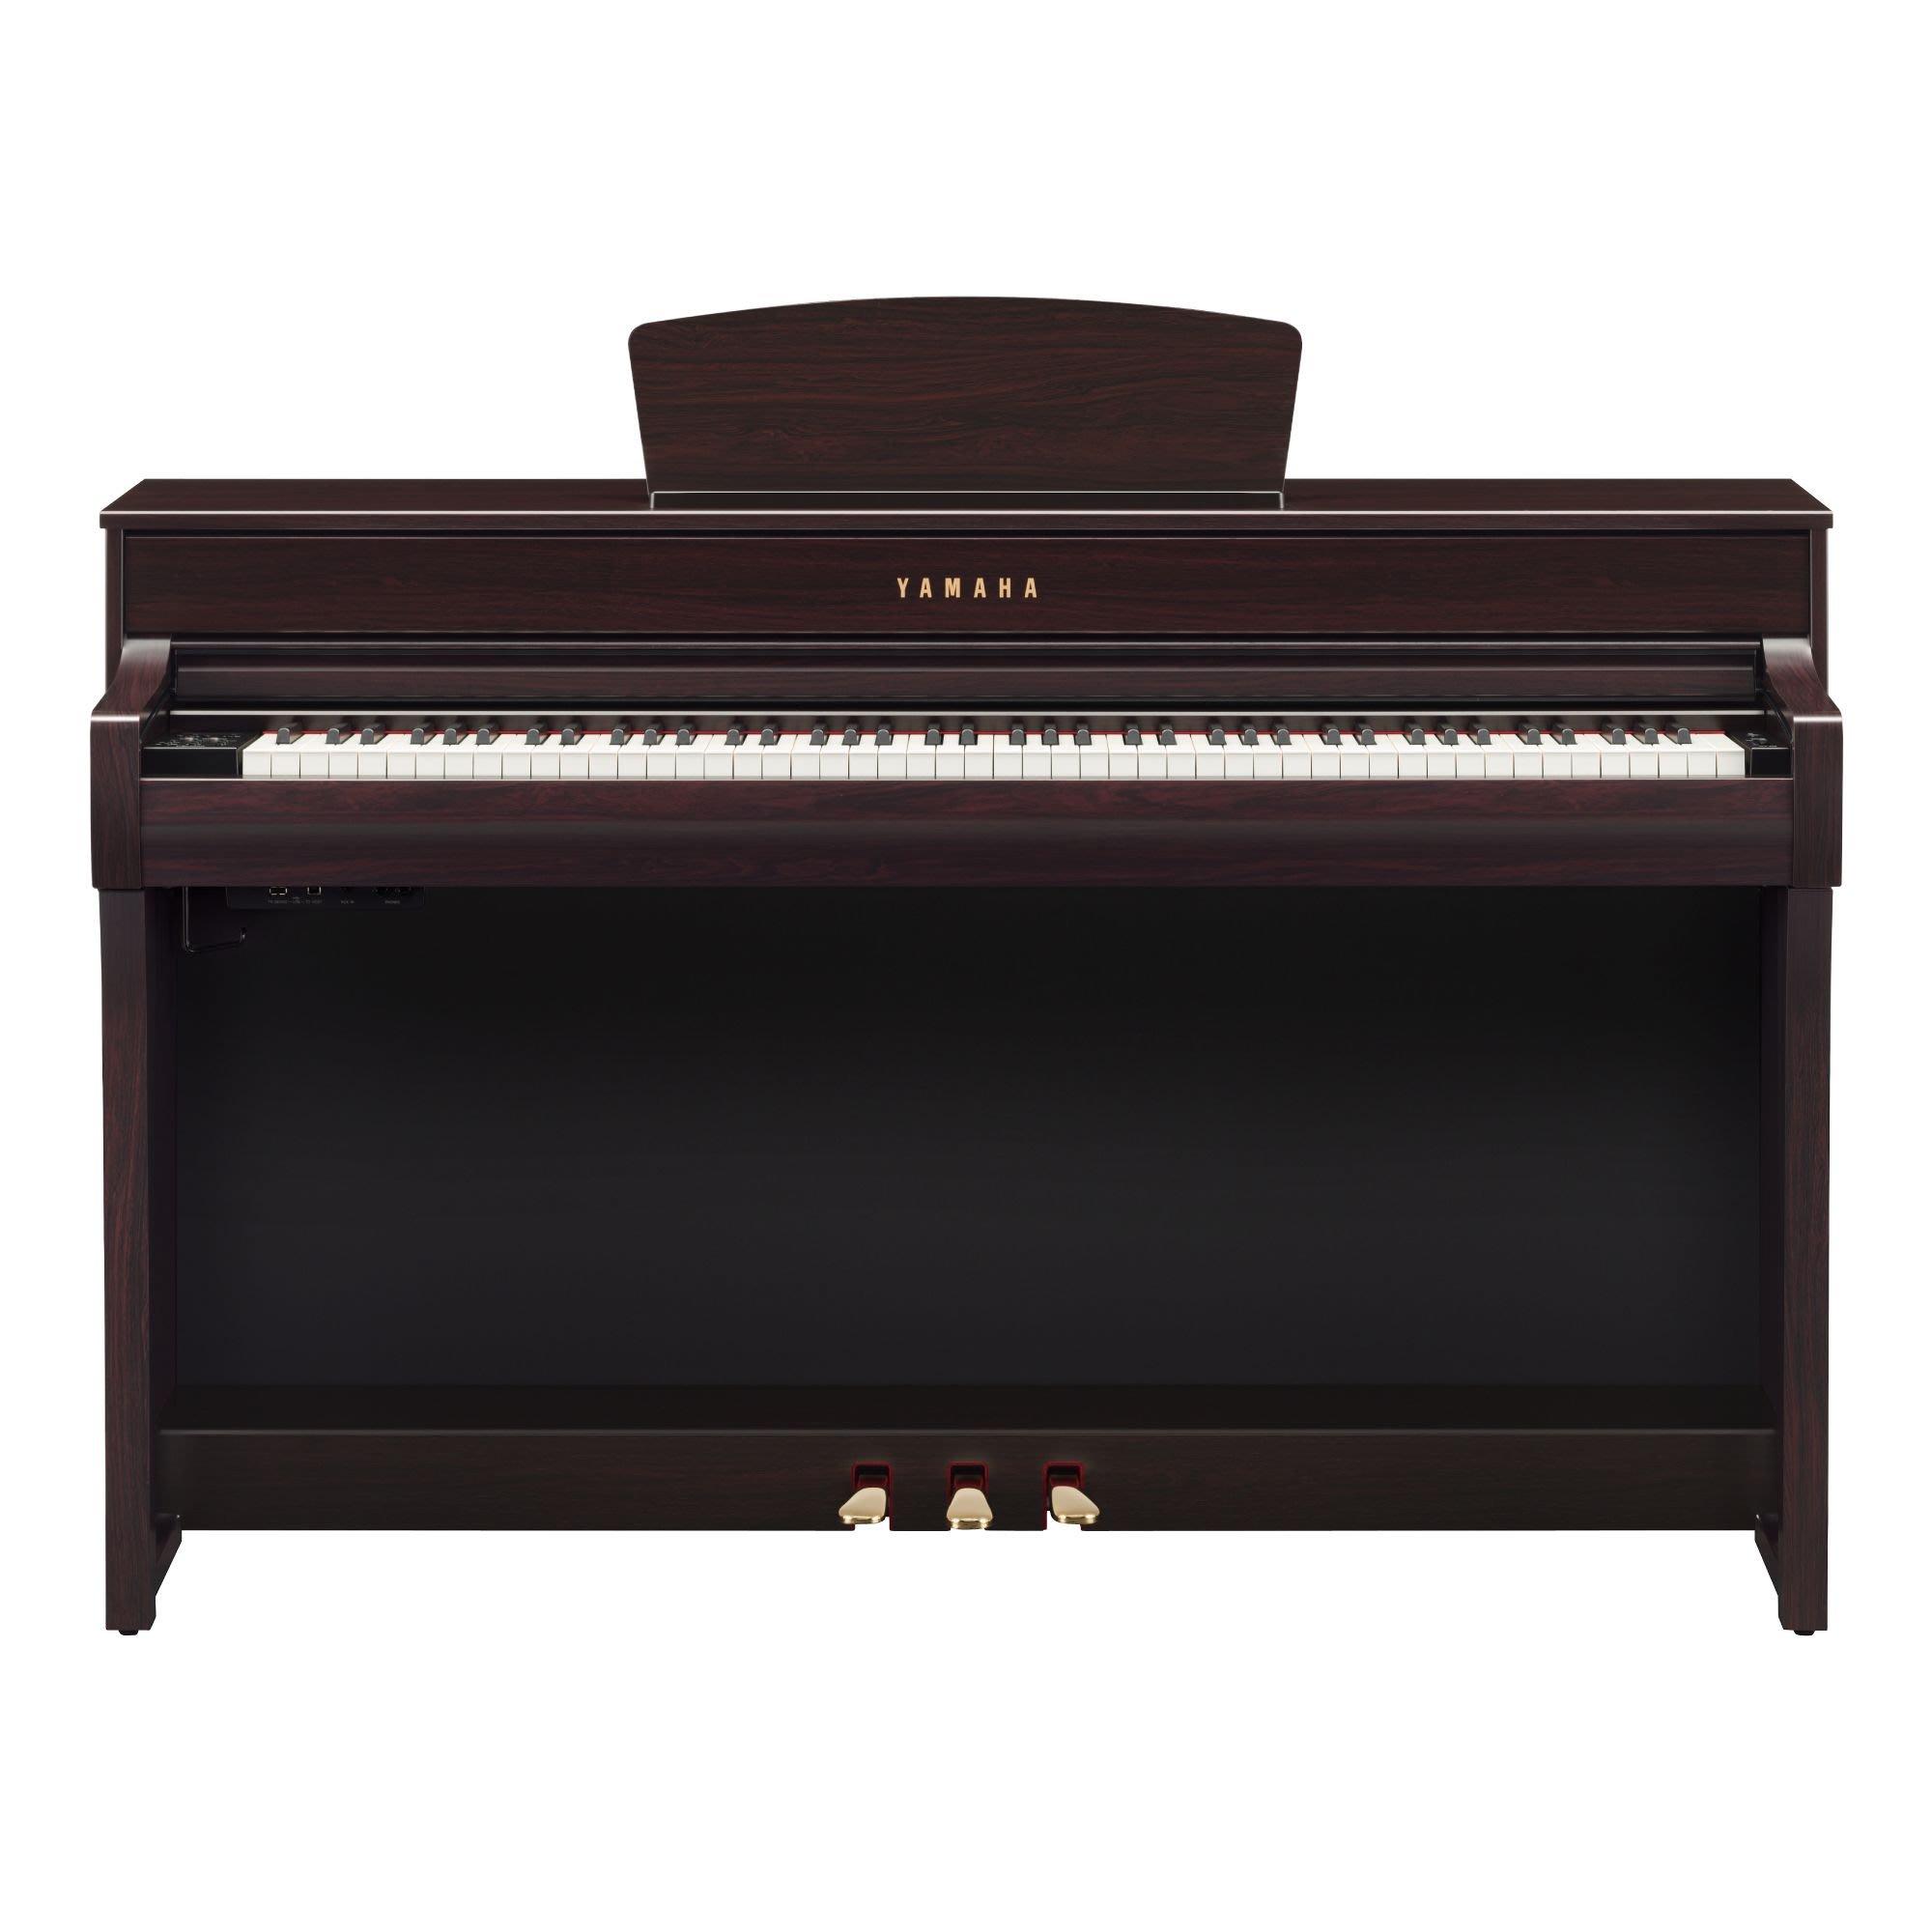 【藝苑樂器】YAMAHA數位鋼琴CLP-735R~最新上市~有現貨~店面有展示可試彈~全省免運費並幫您組裝~